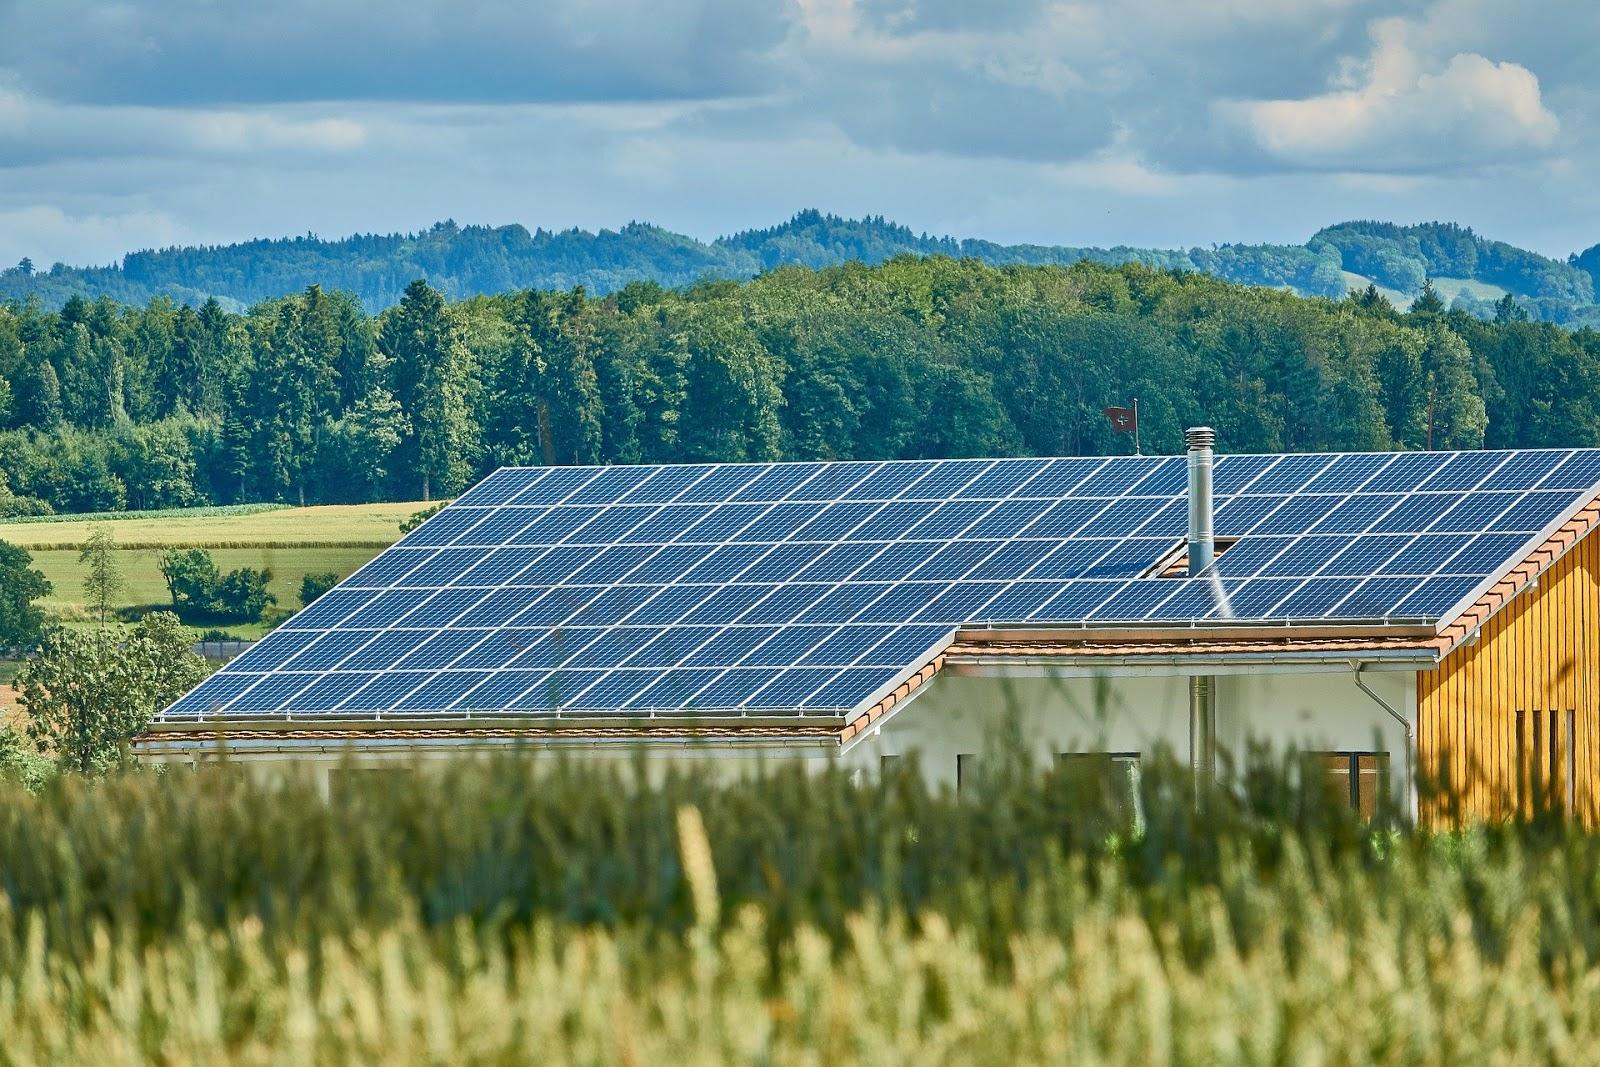 Vous pouvez consommer votre énergie solaire même en site isolé